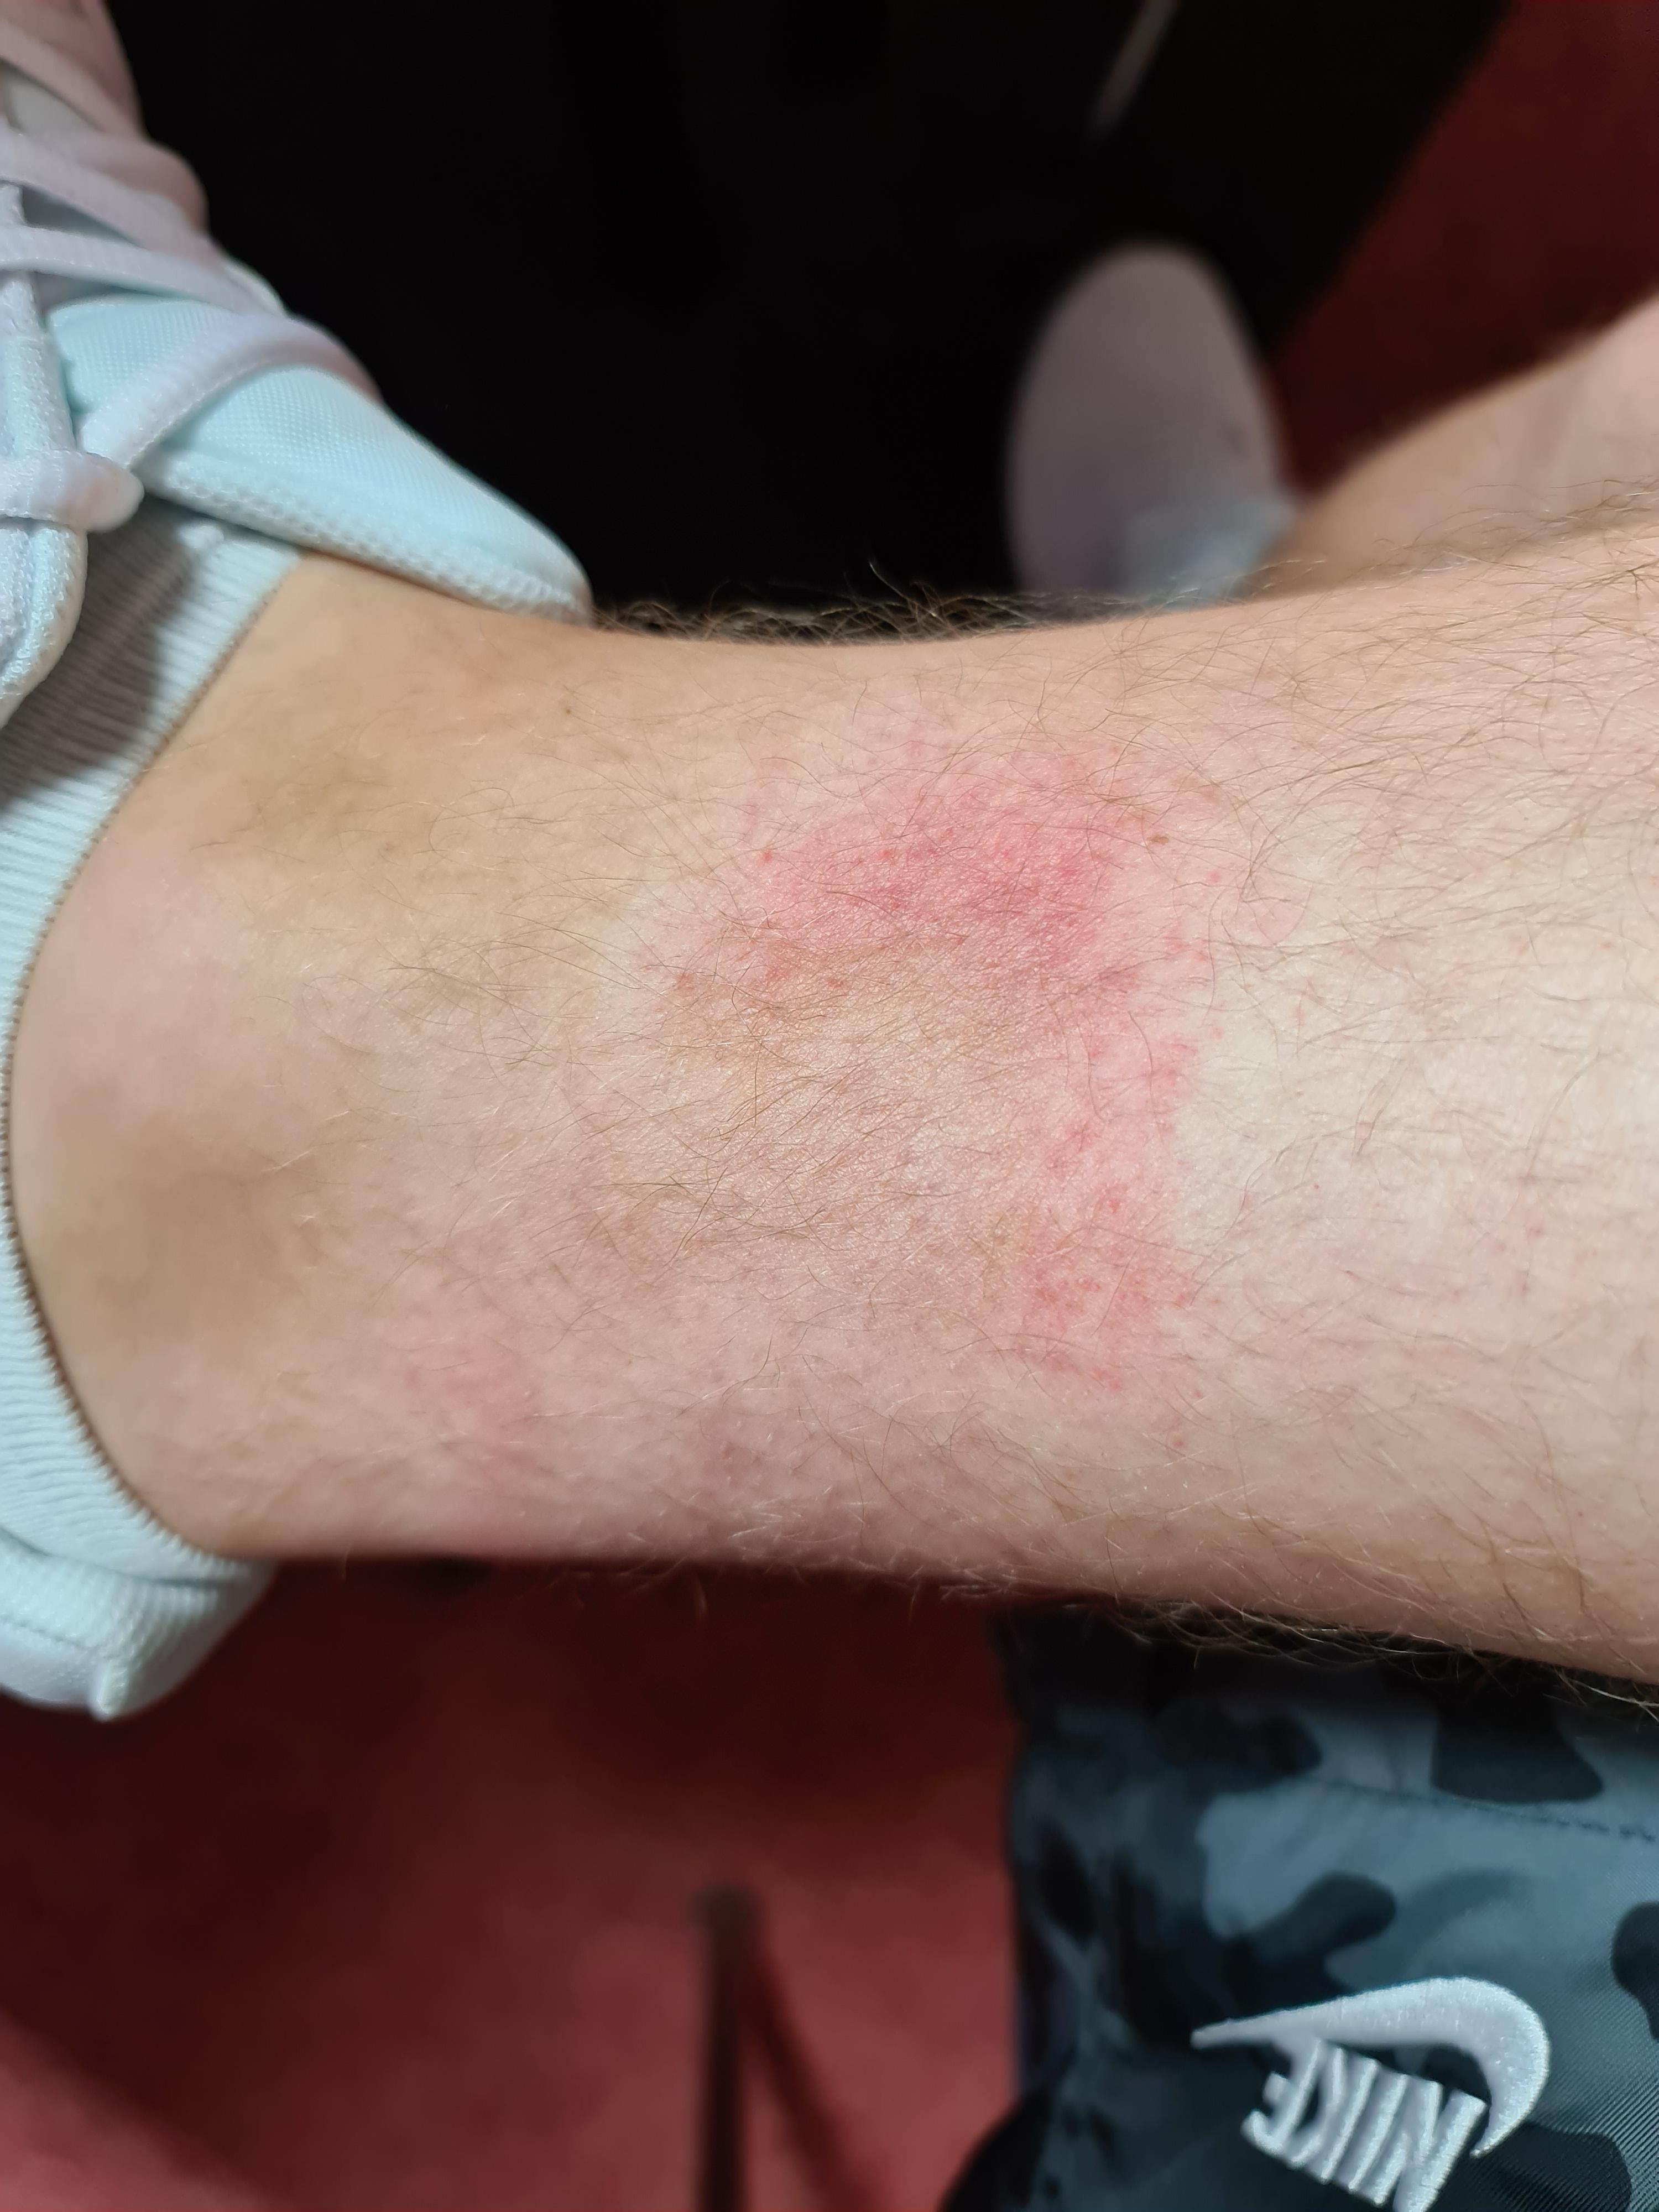 Hautausschlag am rechten Bein, was ist das? (Haut, Beine